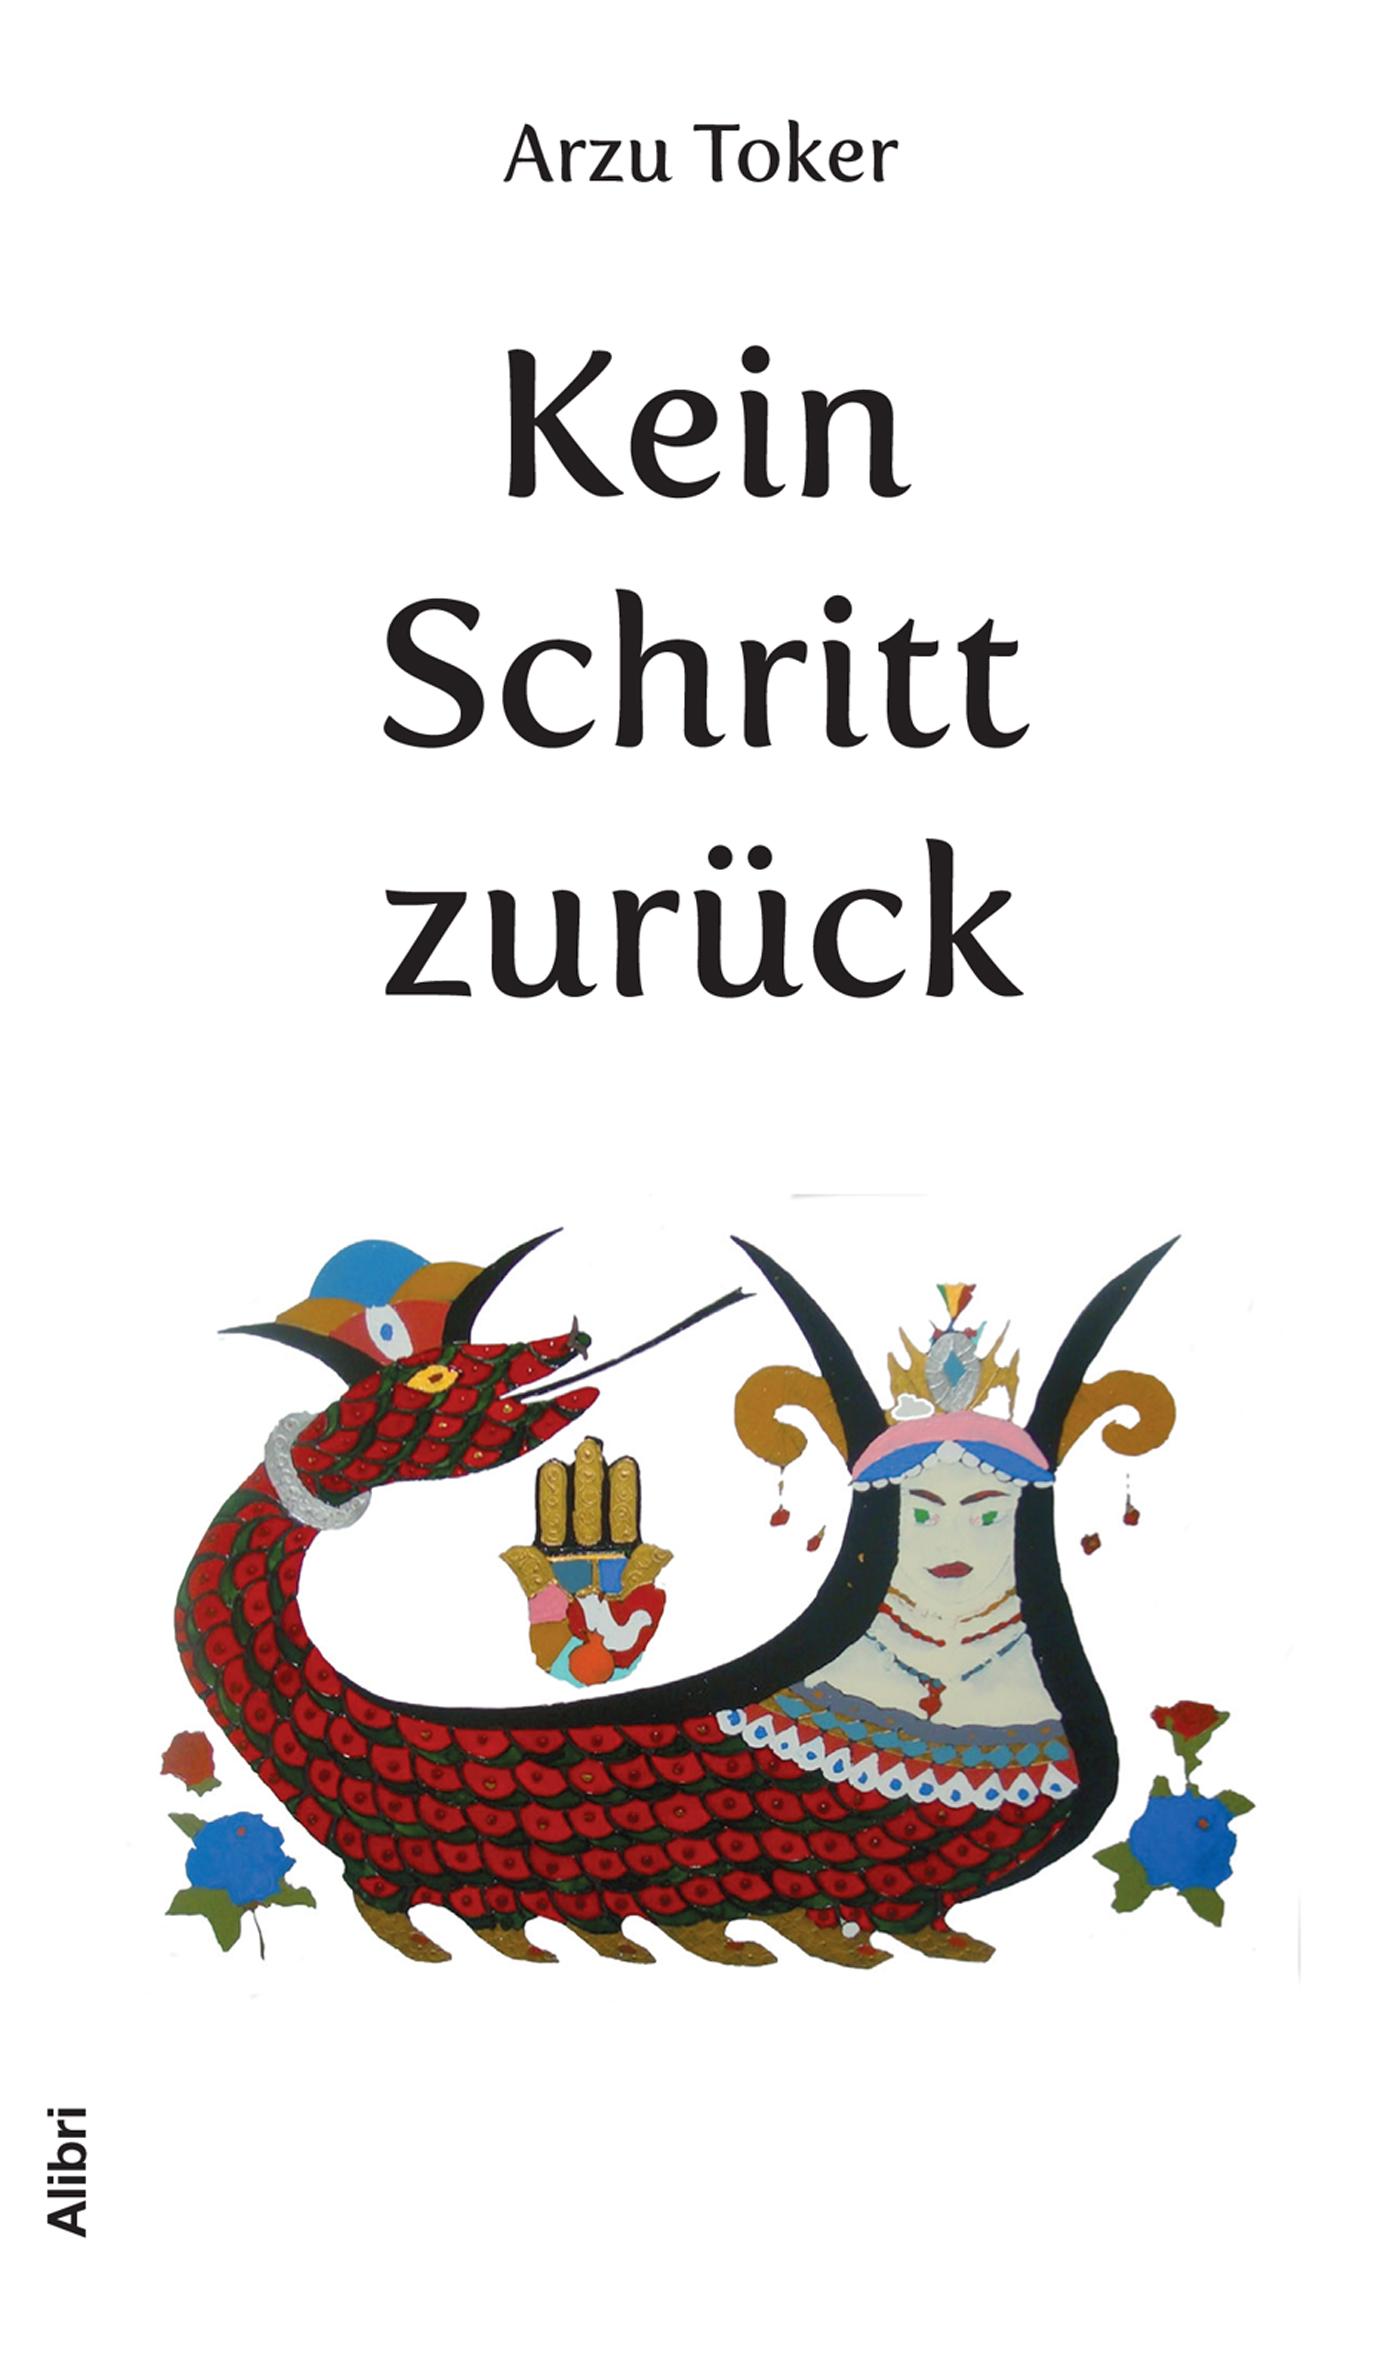 цена Arzu Toker Kein Schritt zurück онлайн в 2017 году